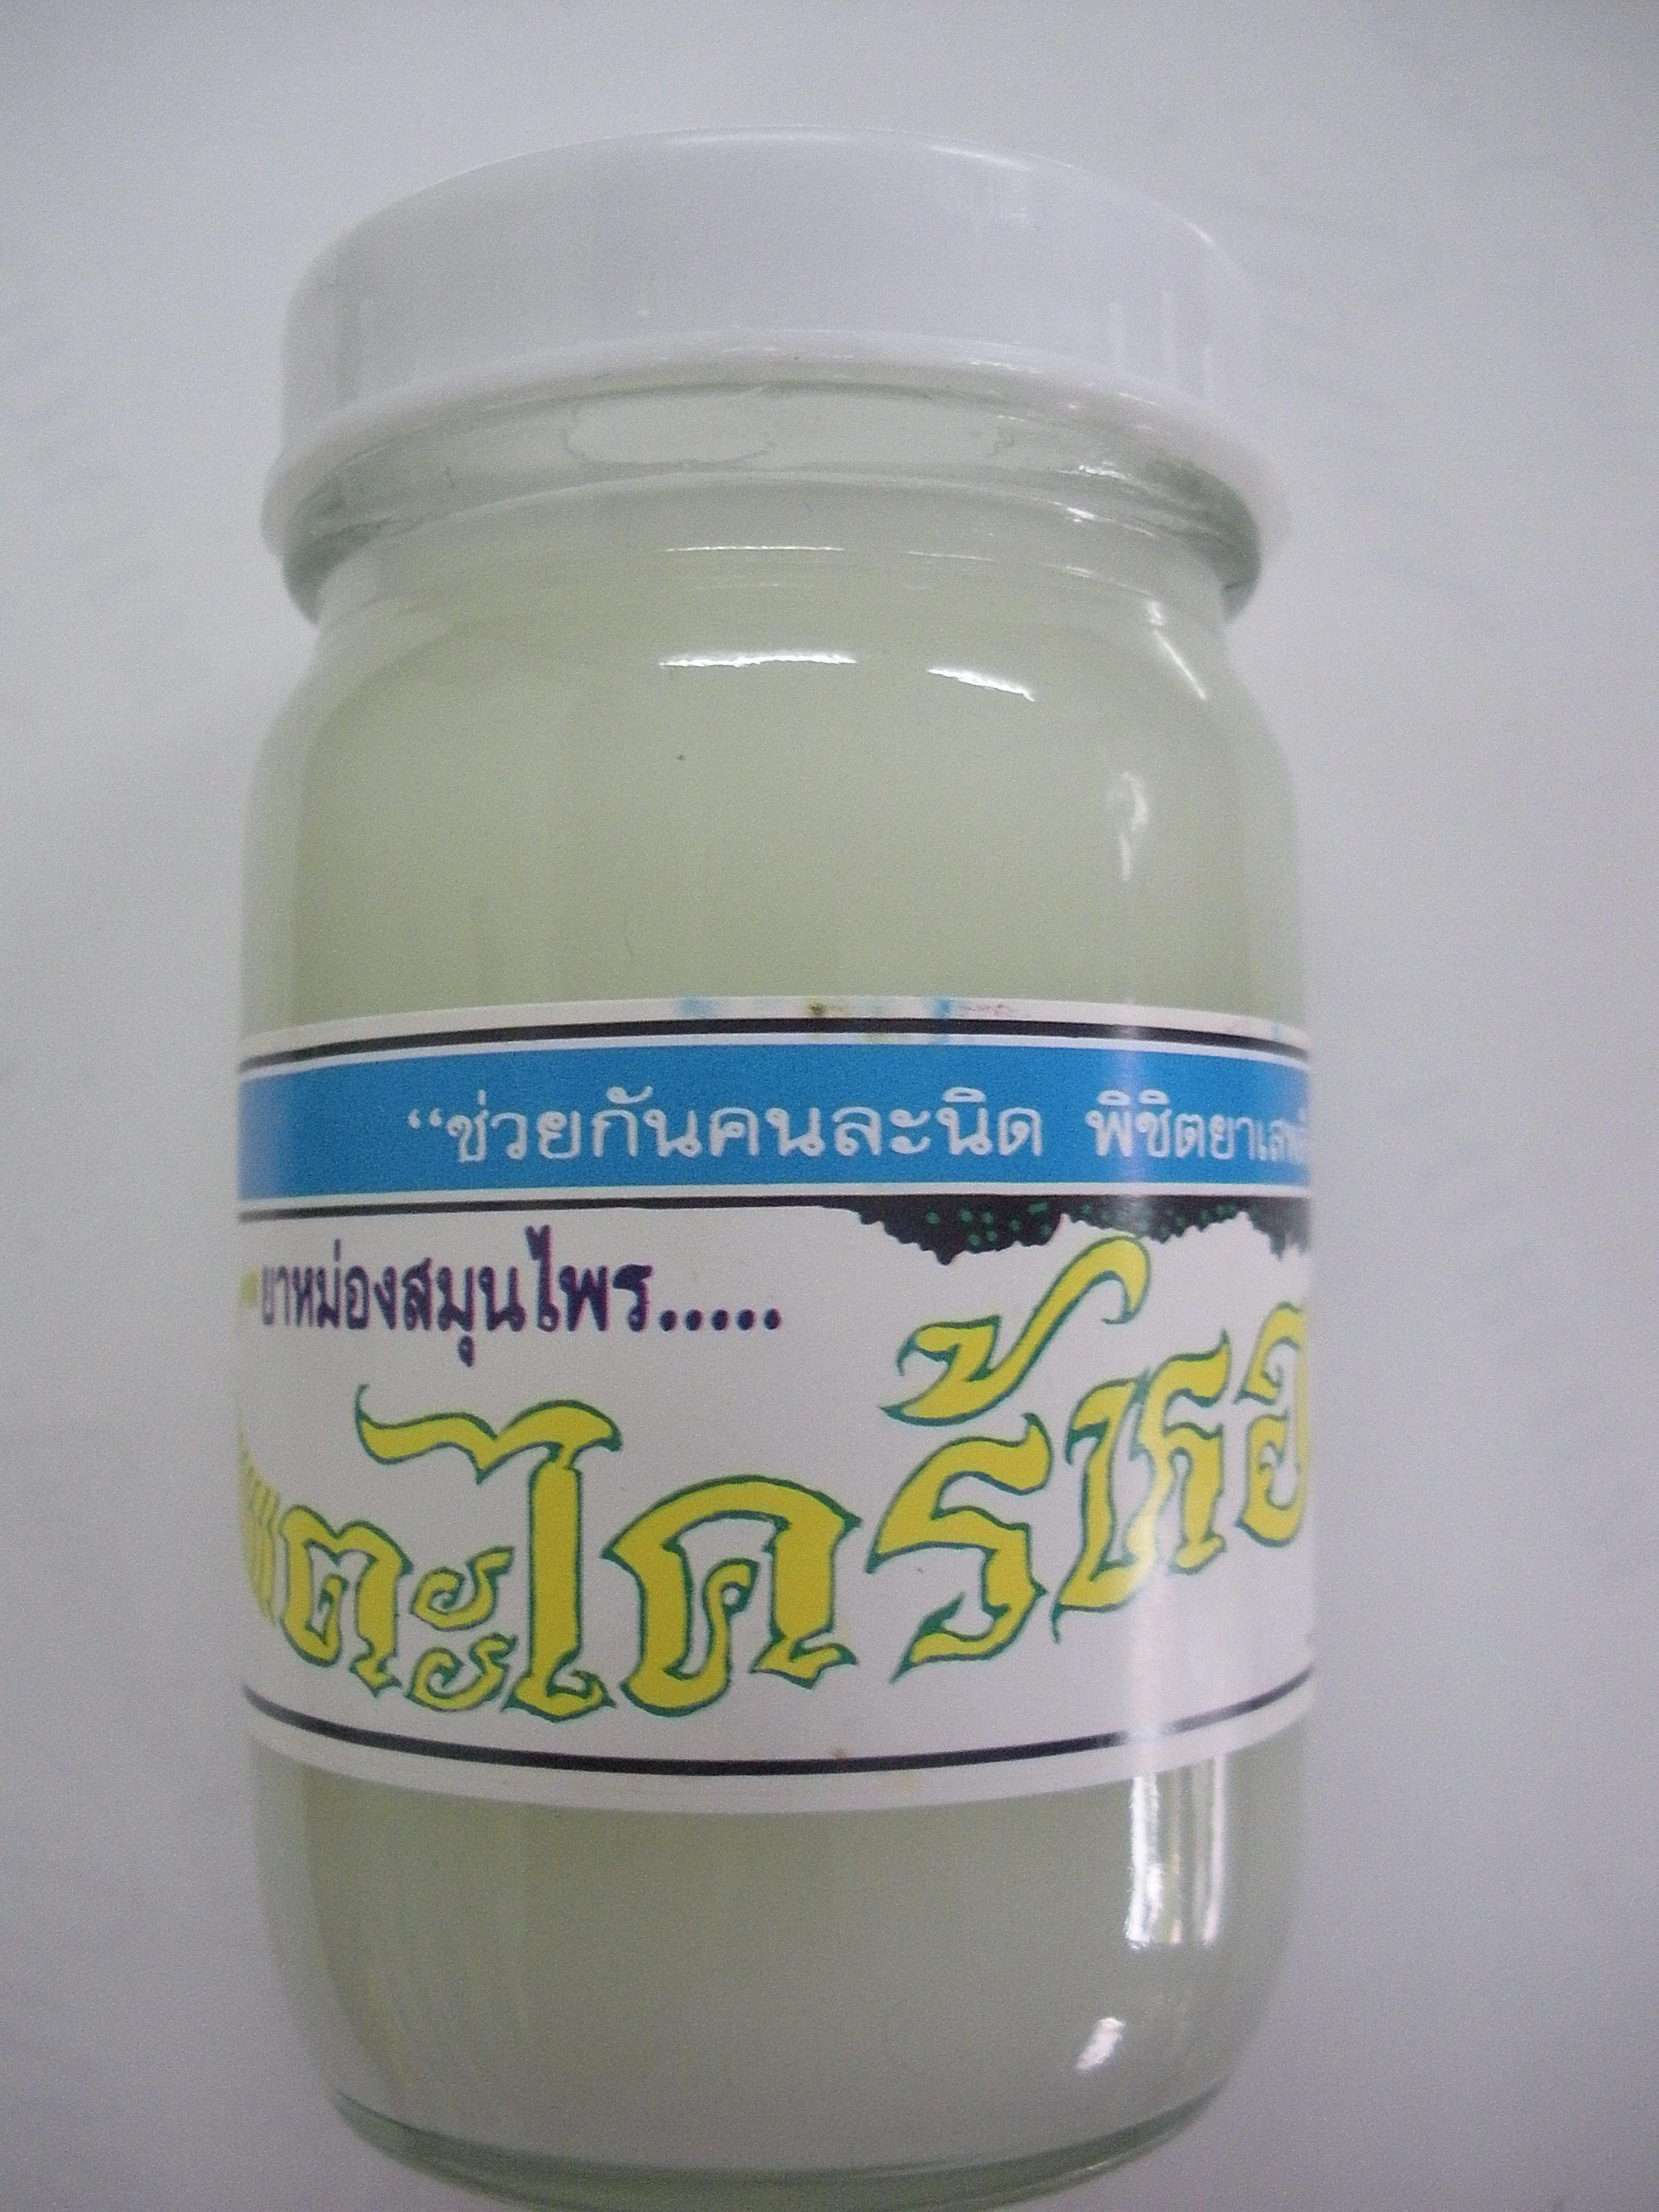 ยาหม่องตะไคร้หอม 100g (Lemongrass Ointment , 100g)